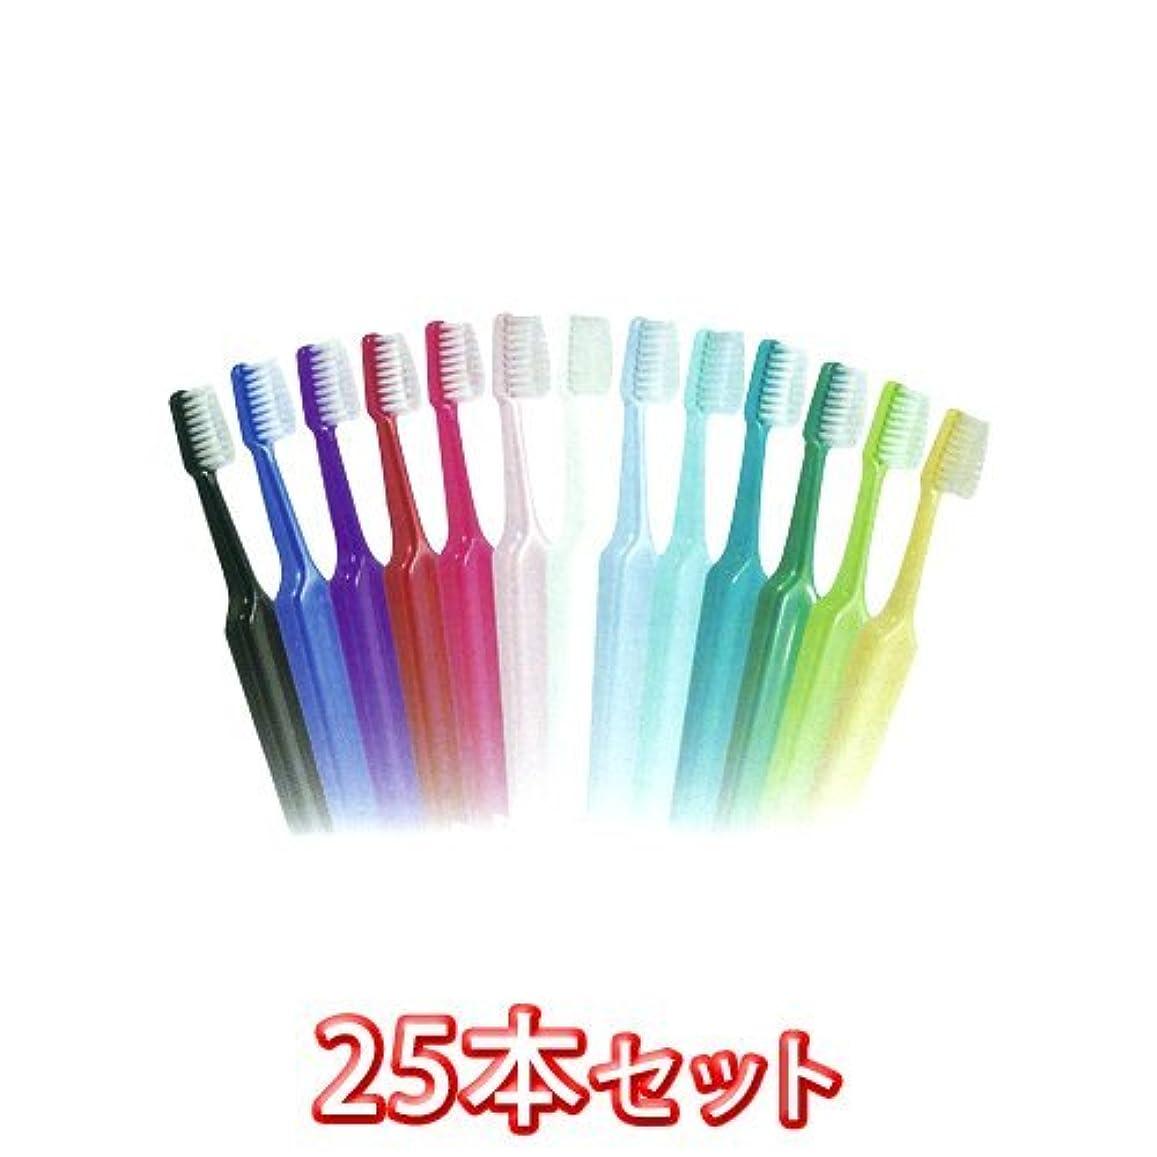 フレキシブル主婦さようならTePe セレクトソフト 歯ブラシ 25本入